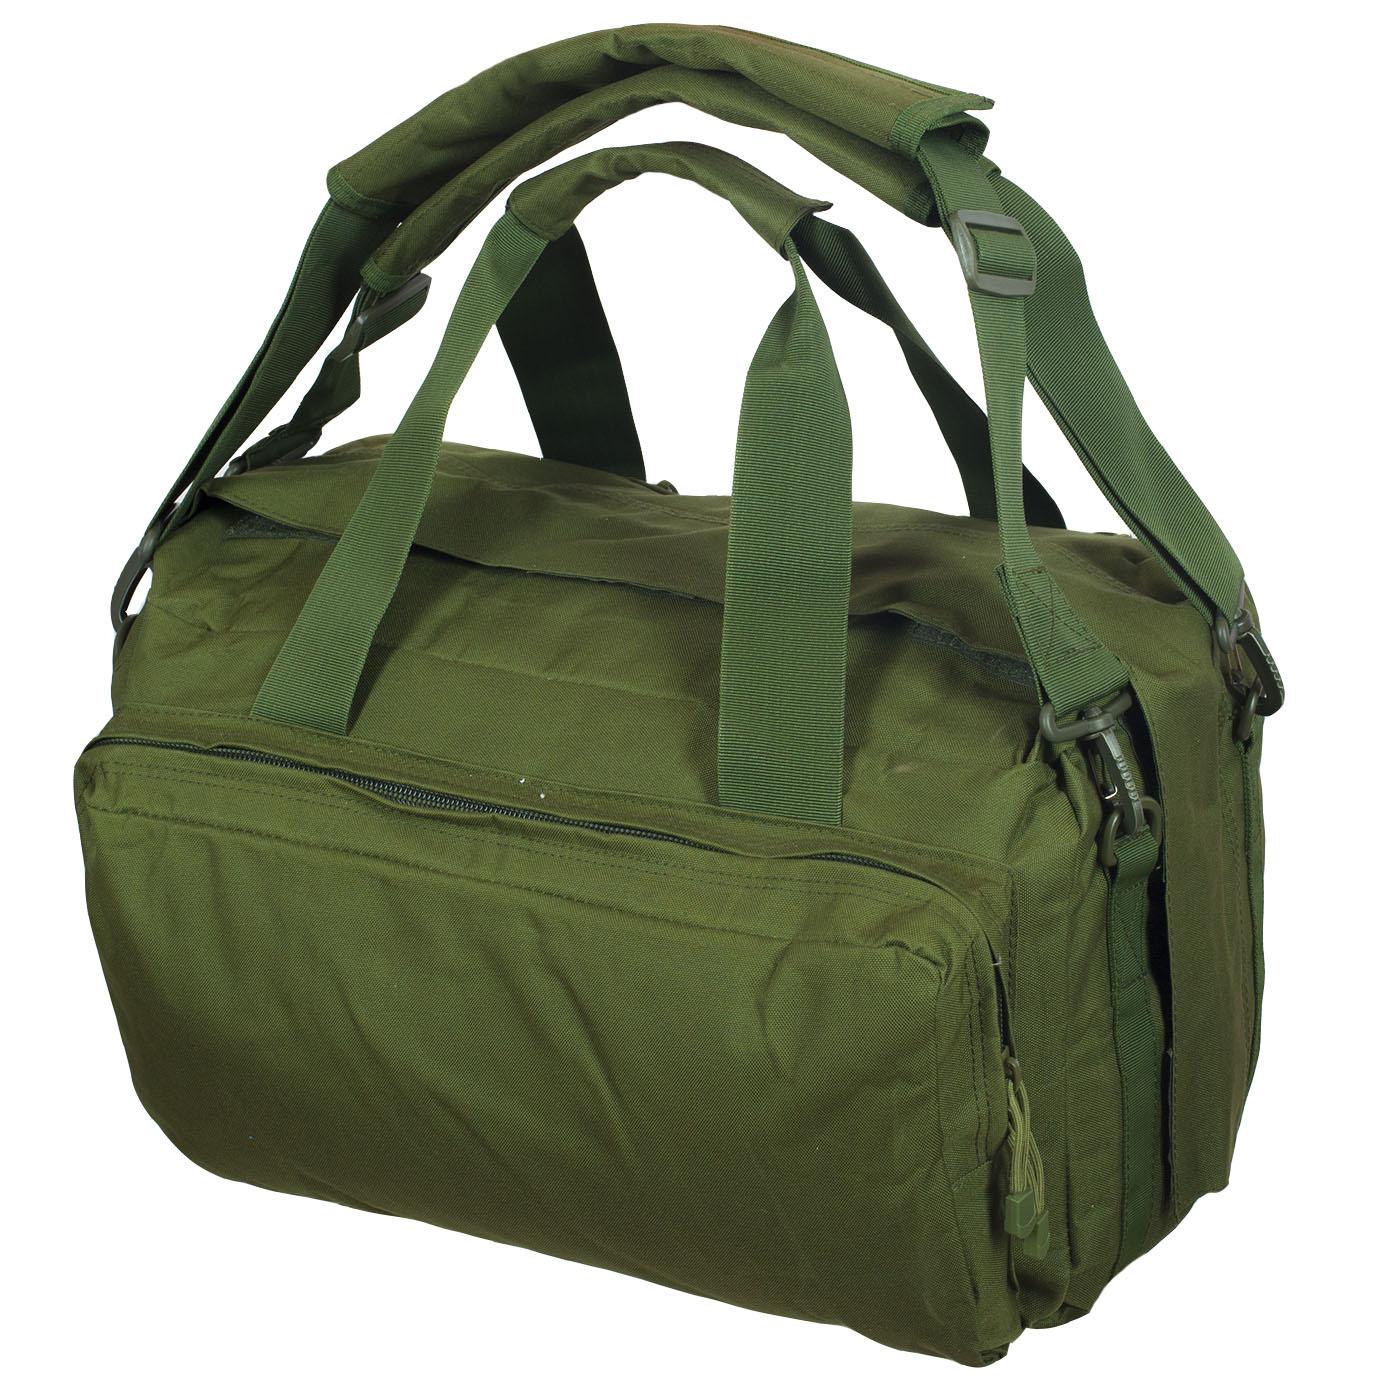 Крутая походная сумка-рюкзак с нашивкой Танковые Войска - купить онлайн